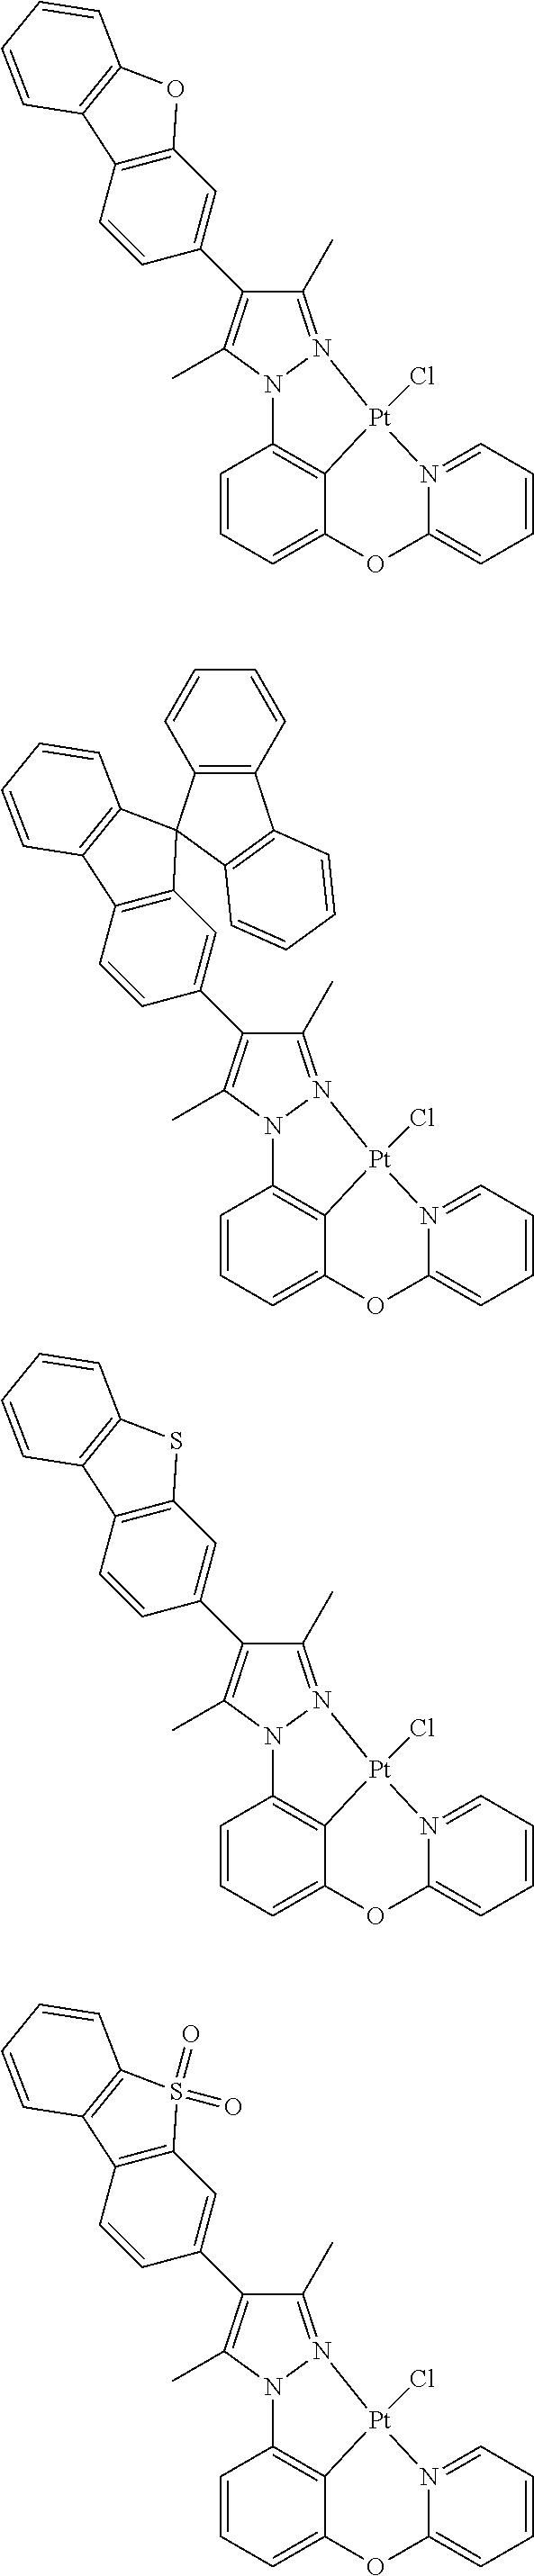 Figure US09818959-20171114-C00125